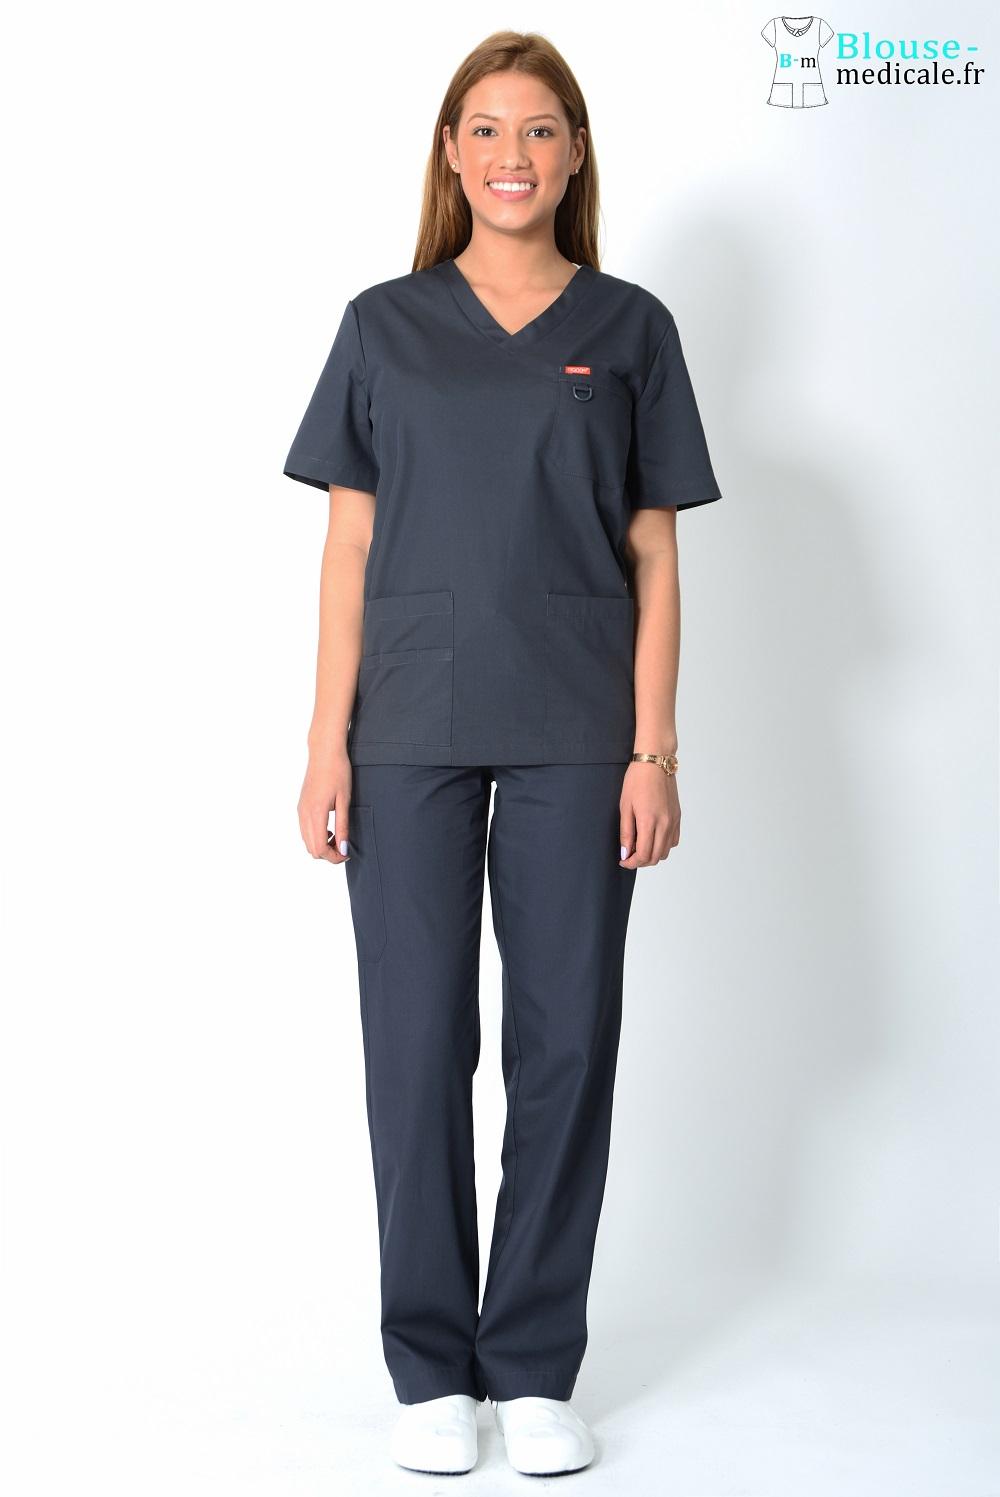 tenue médicale unisexe tenue equipe medicale kiné femme